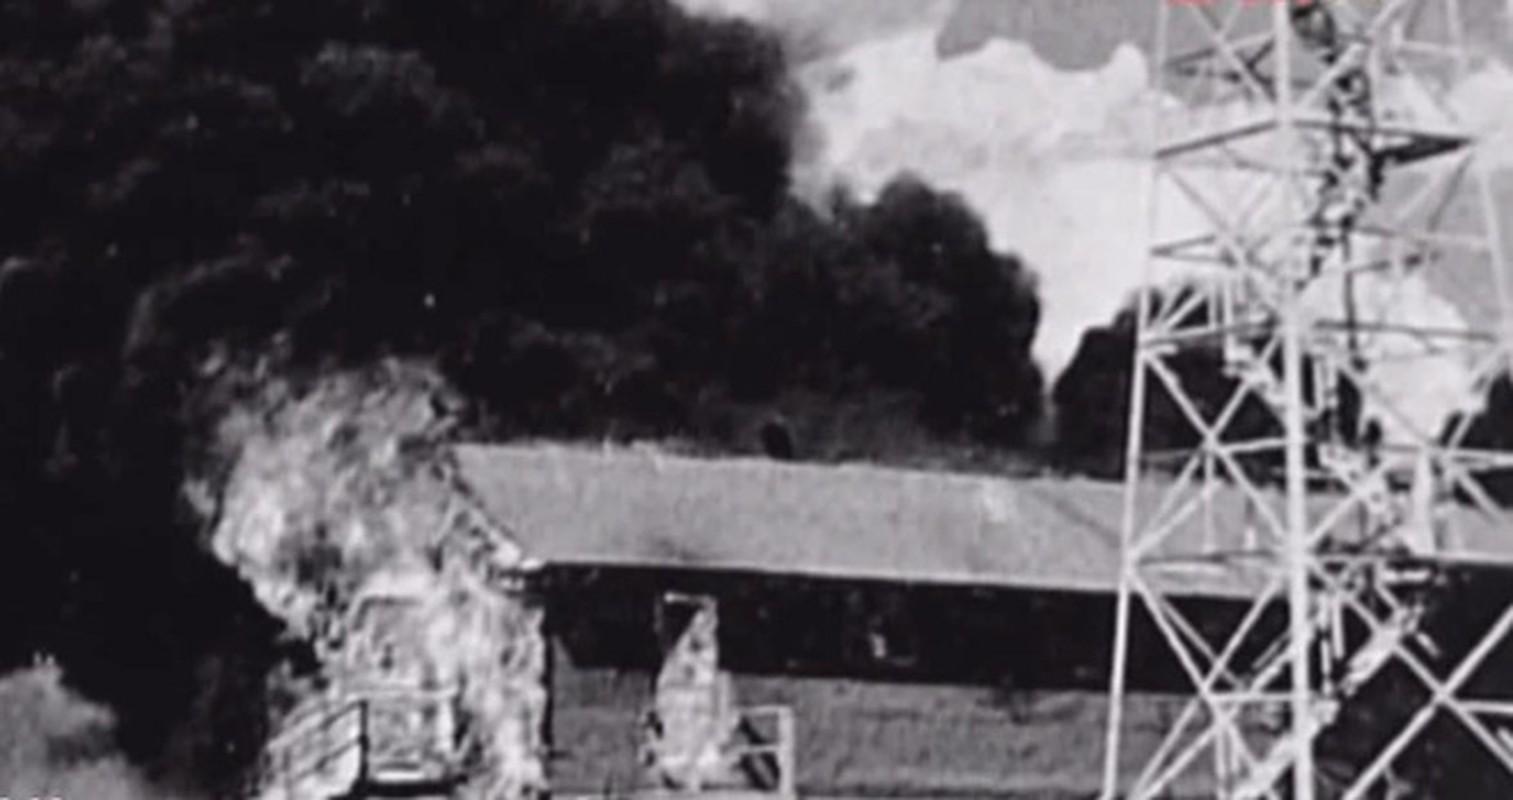 Giai ma du an bom doi tuyet mat cua My trong The chien II-Hinh-9